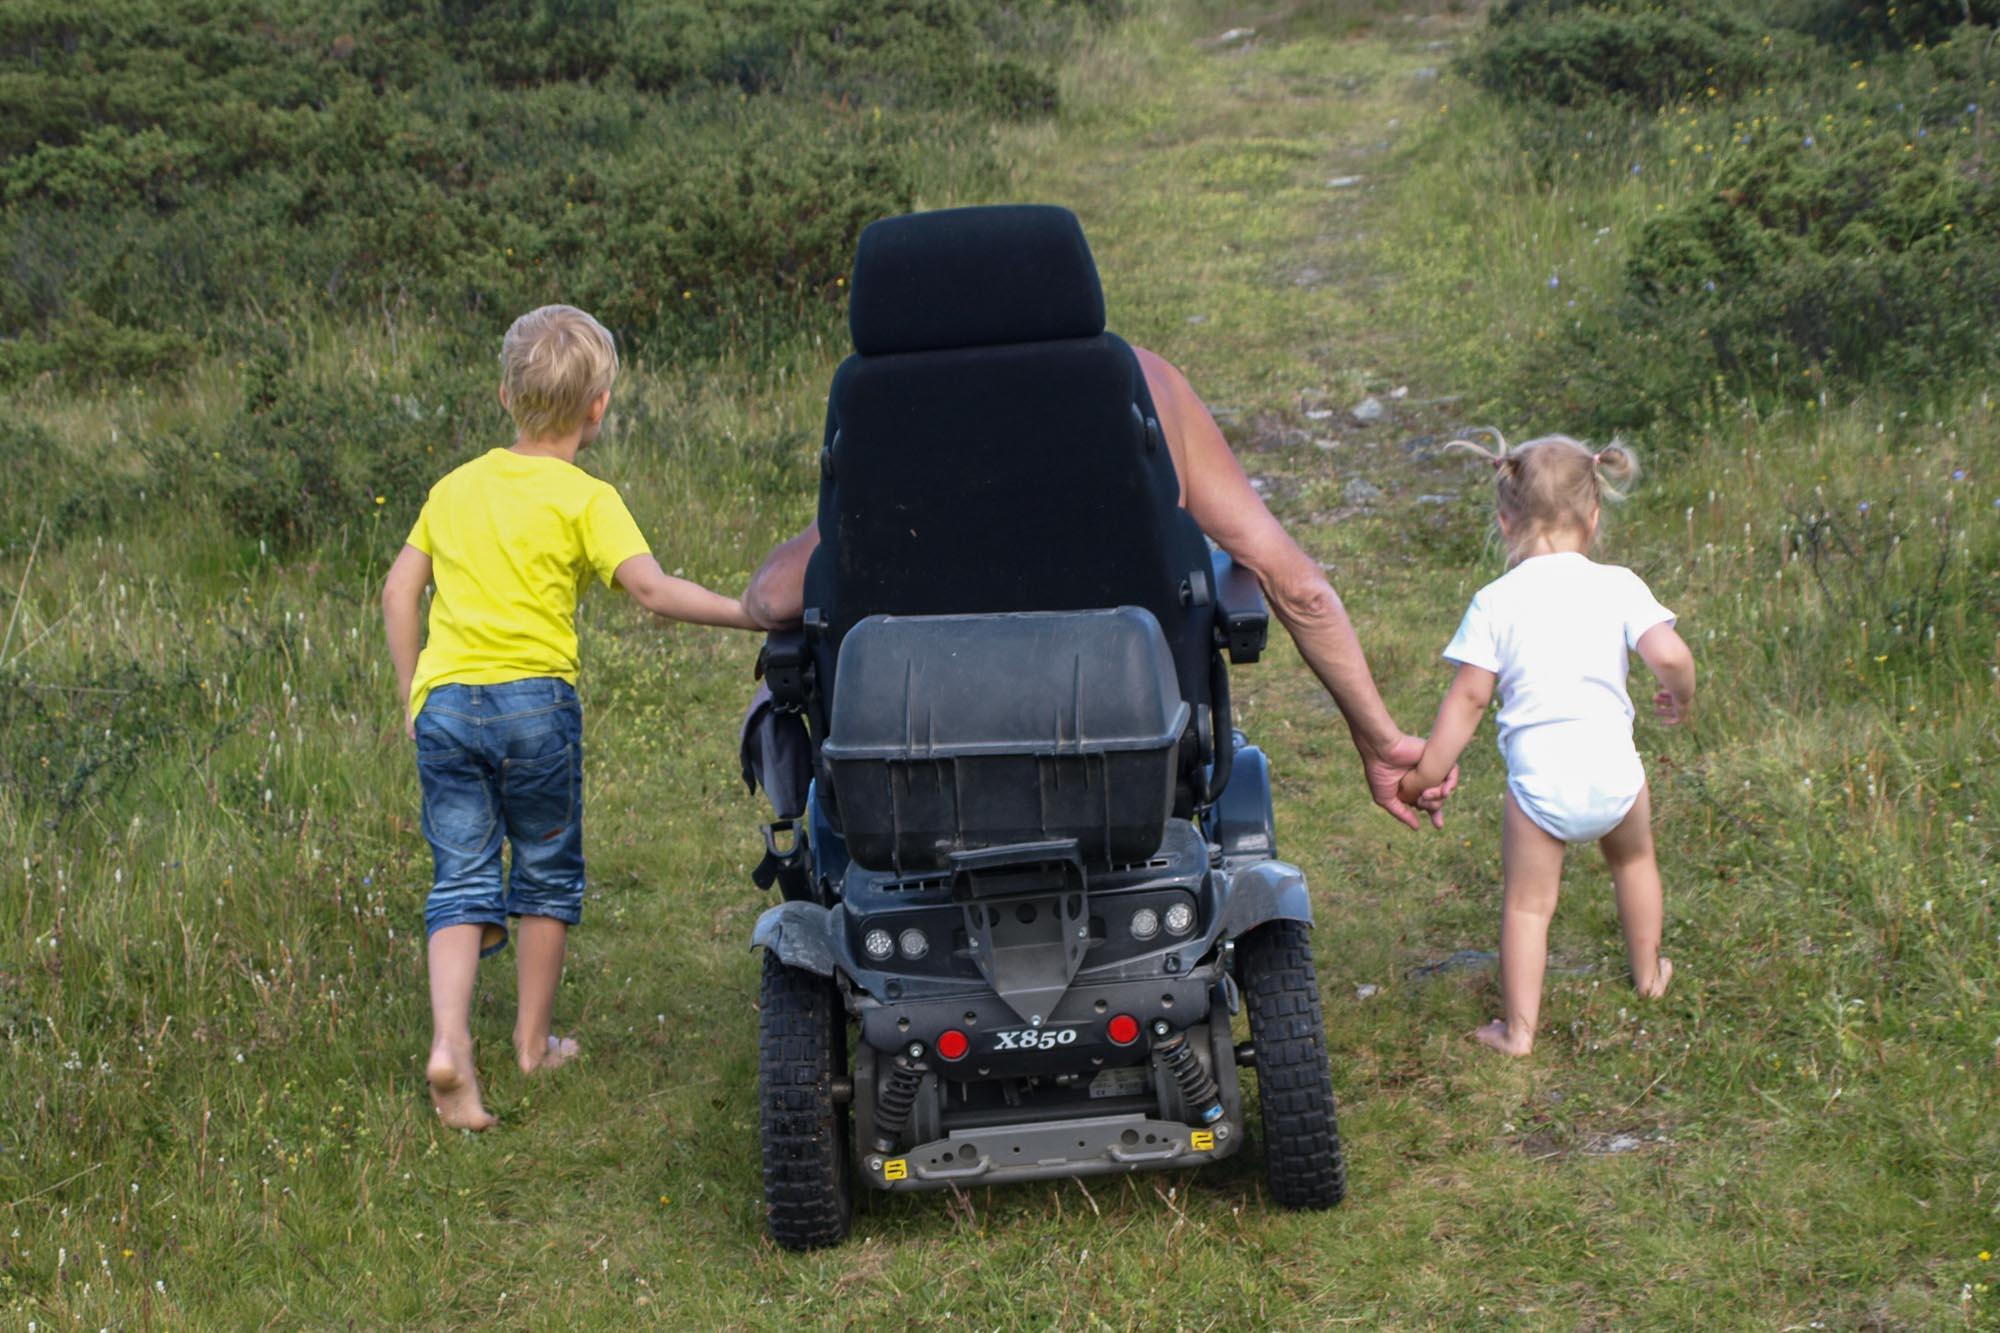 """""""FRED"""" Dette bildet er tatt ved Jenstjønnet på Ringebufjellet. En fin plass å nyte stillheten, freden og øyeblikket, selv om man må ta seg frem dit med en X850 rullestol. Dette er blitt en fast plass hvor mine barnebarn med voksne kan grille og fiske (i sivet) Skal man nyte denne perlen fremover MÅ vannet kultiveres!!!! På bildet er undertegnede i rullestol, og mine to barnebarn Noah og Mie. Bildet taler for seg selv. men følgende sitat er hentet fra Øivind Holthe: """"Det heter seg at kjærlighet gjør blind, men mørket har sine farger, for den som er så heldig å få holde i en morfars hånd."""""""